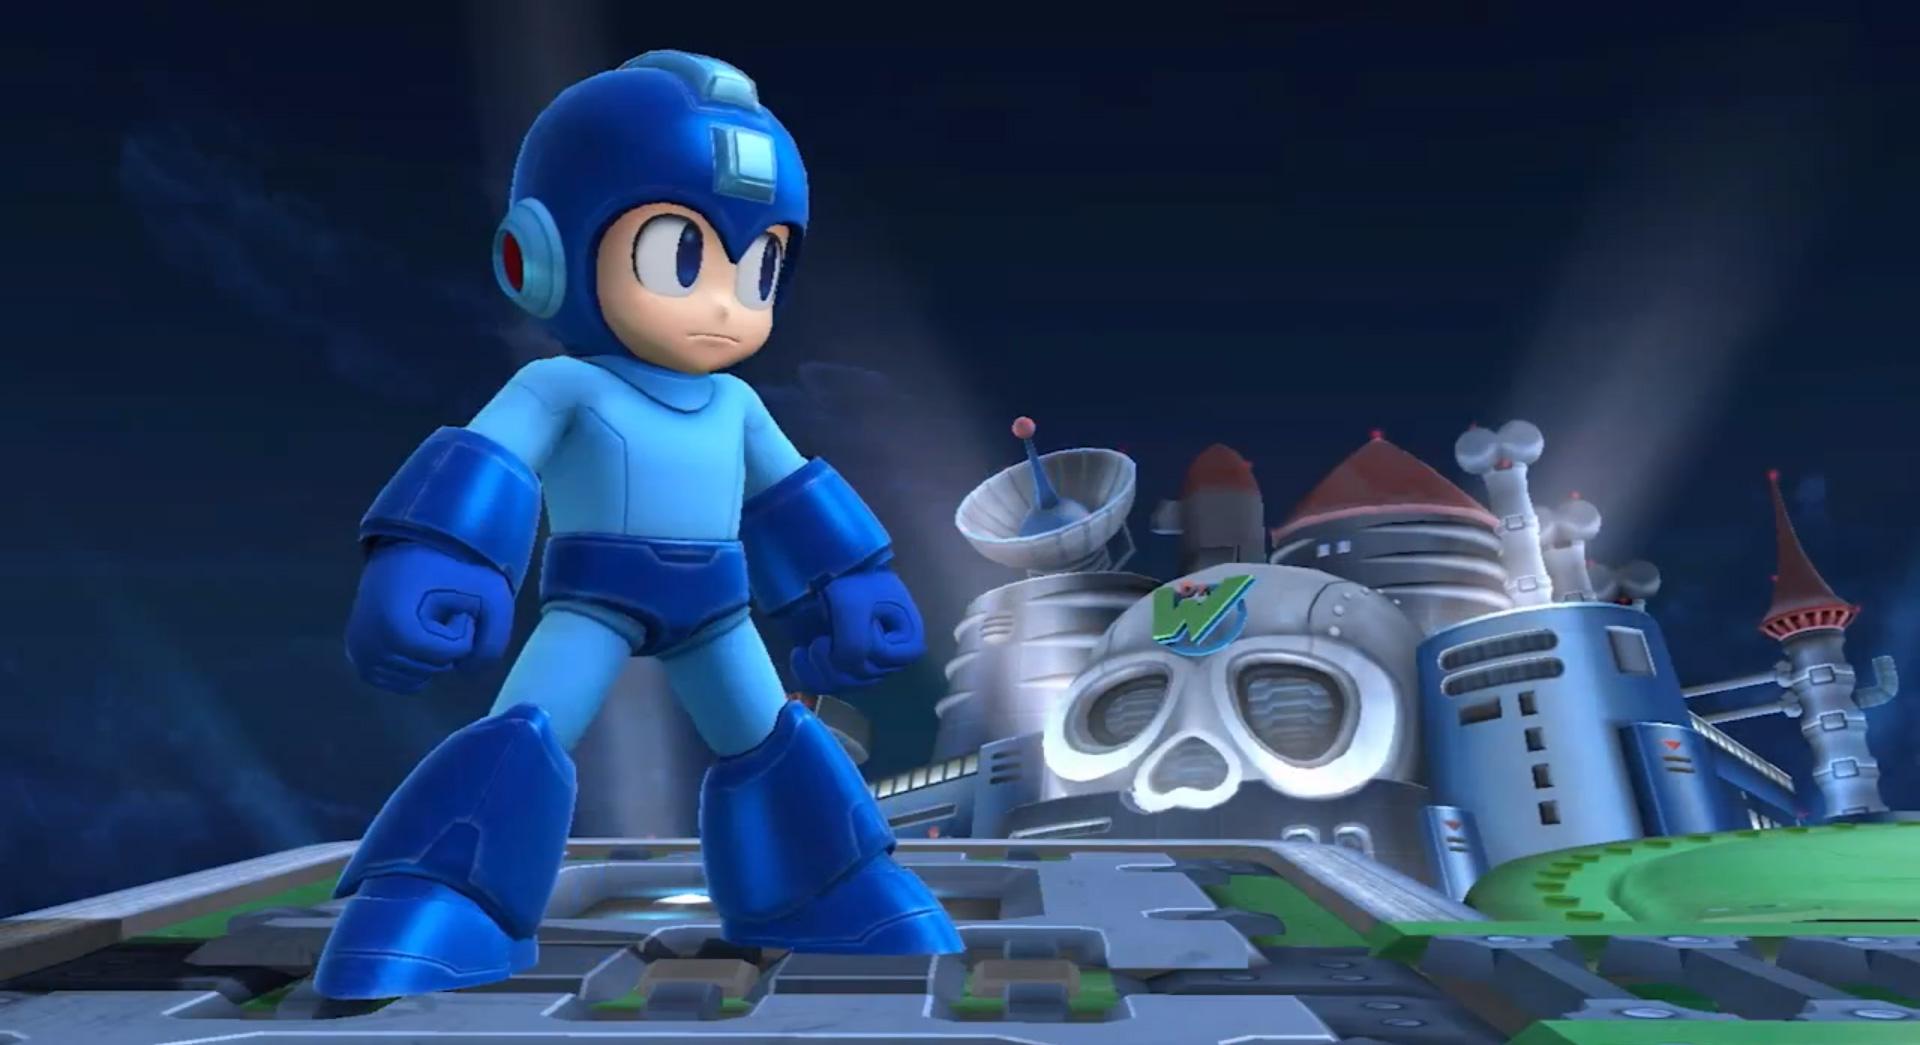 [E3 2013] Super Smash Bros arrive sur Wii U et Nintendo 3DS en 2014